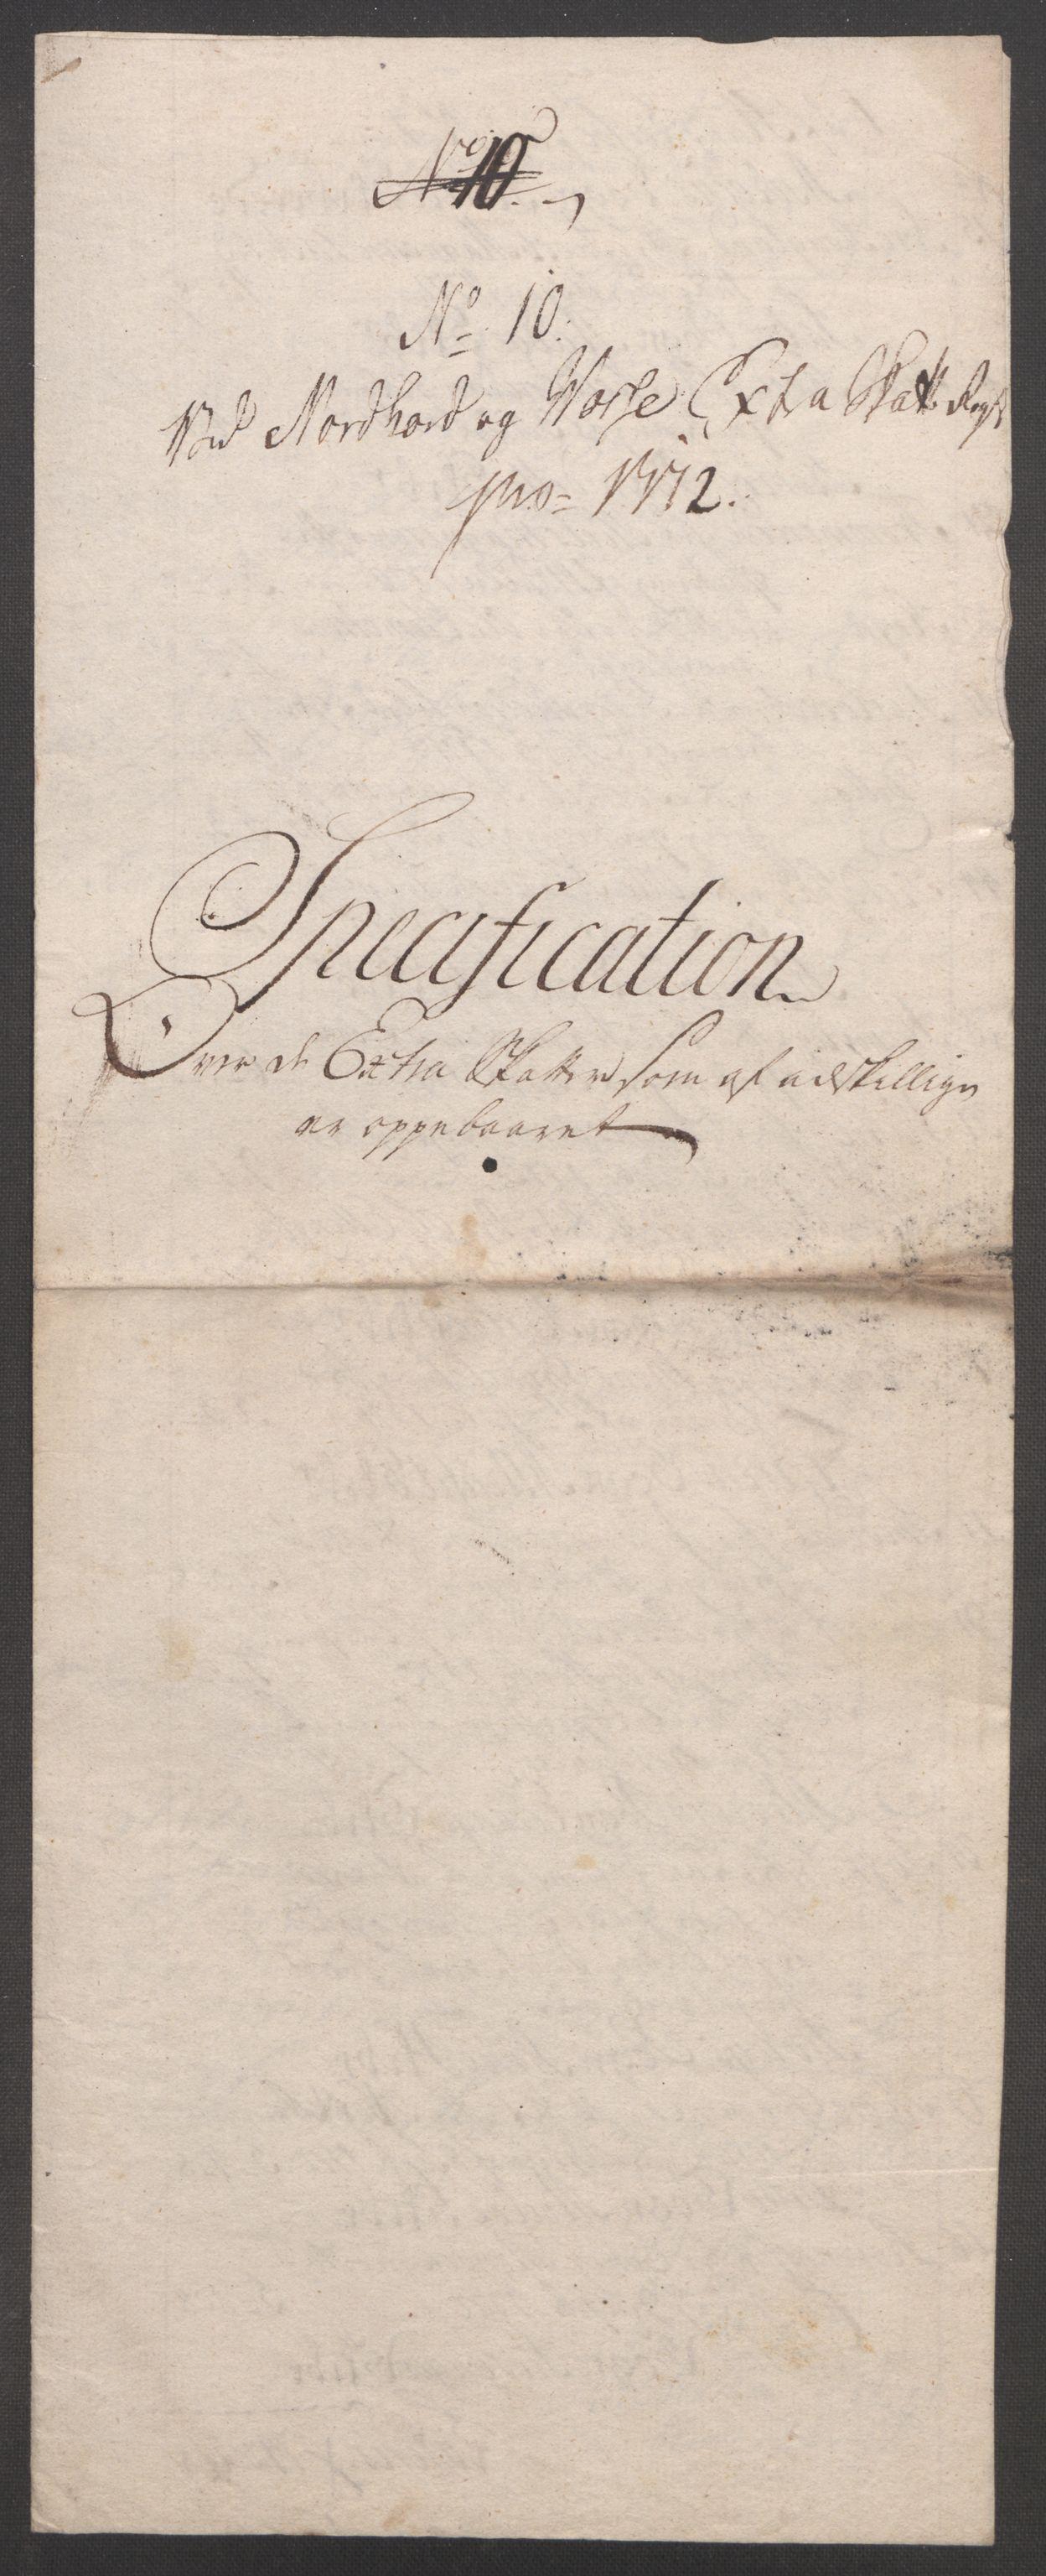 RA, Rentekammeret inntil 1814, Reviderte regnskaper, Fogderegnskap, R51/L3303: Ekstraskatten Nordhordland og Voss, 1762-1772, s. 691